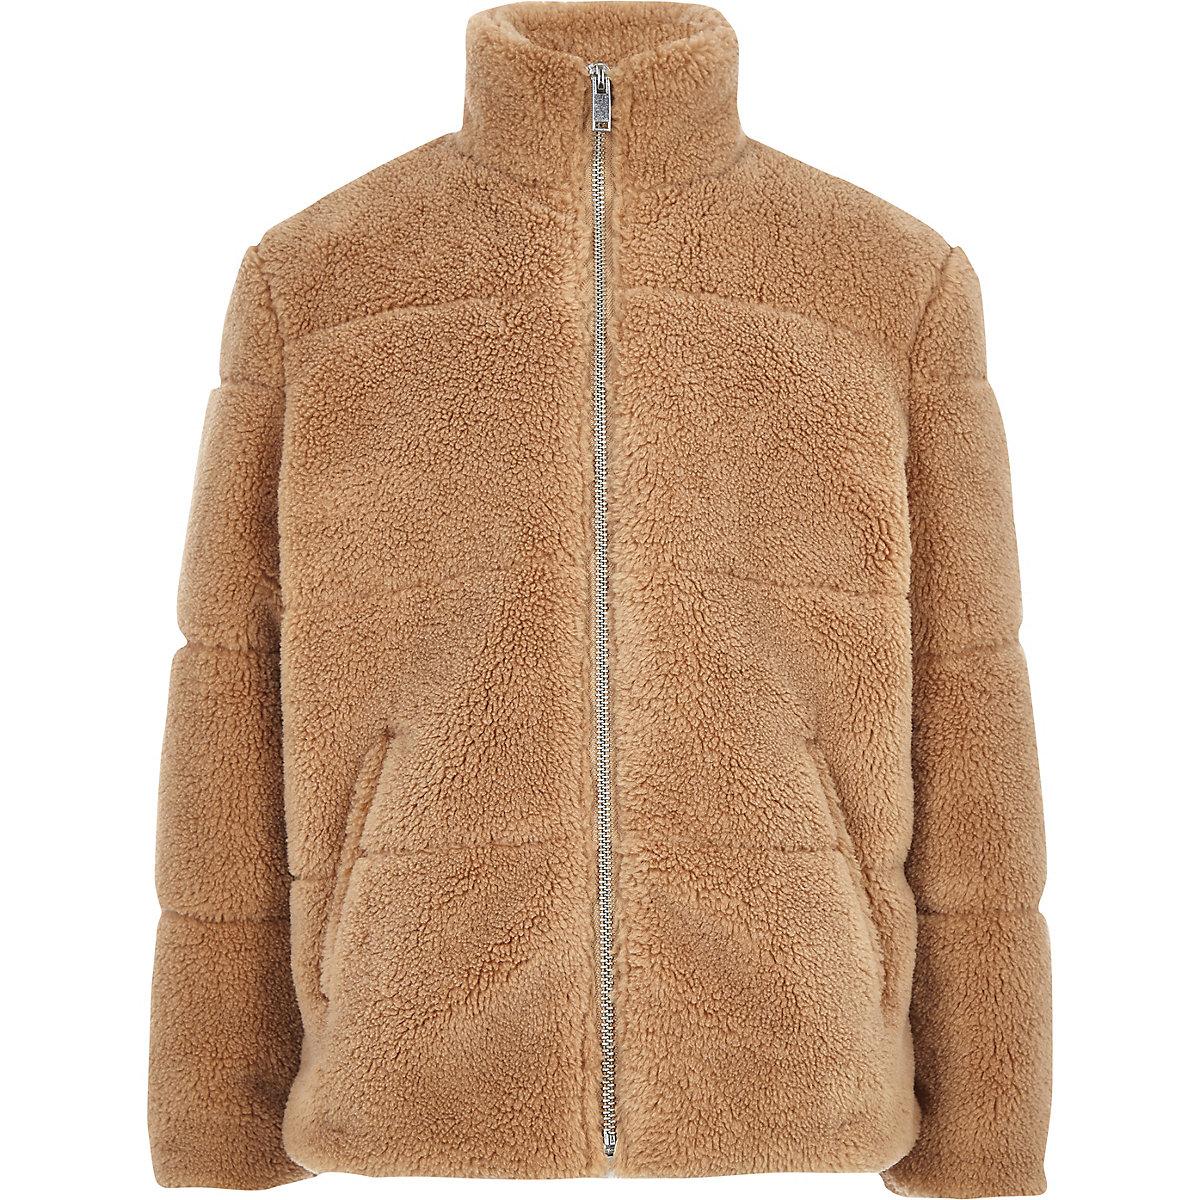 Boys light brown fleece puffer jacket